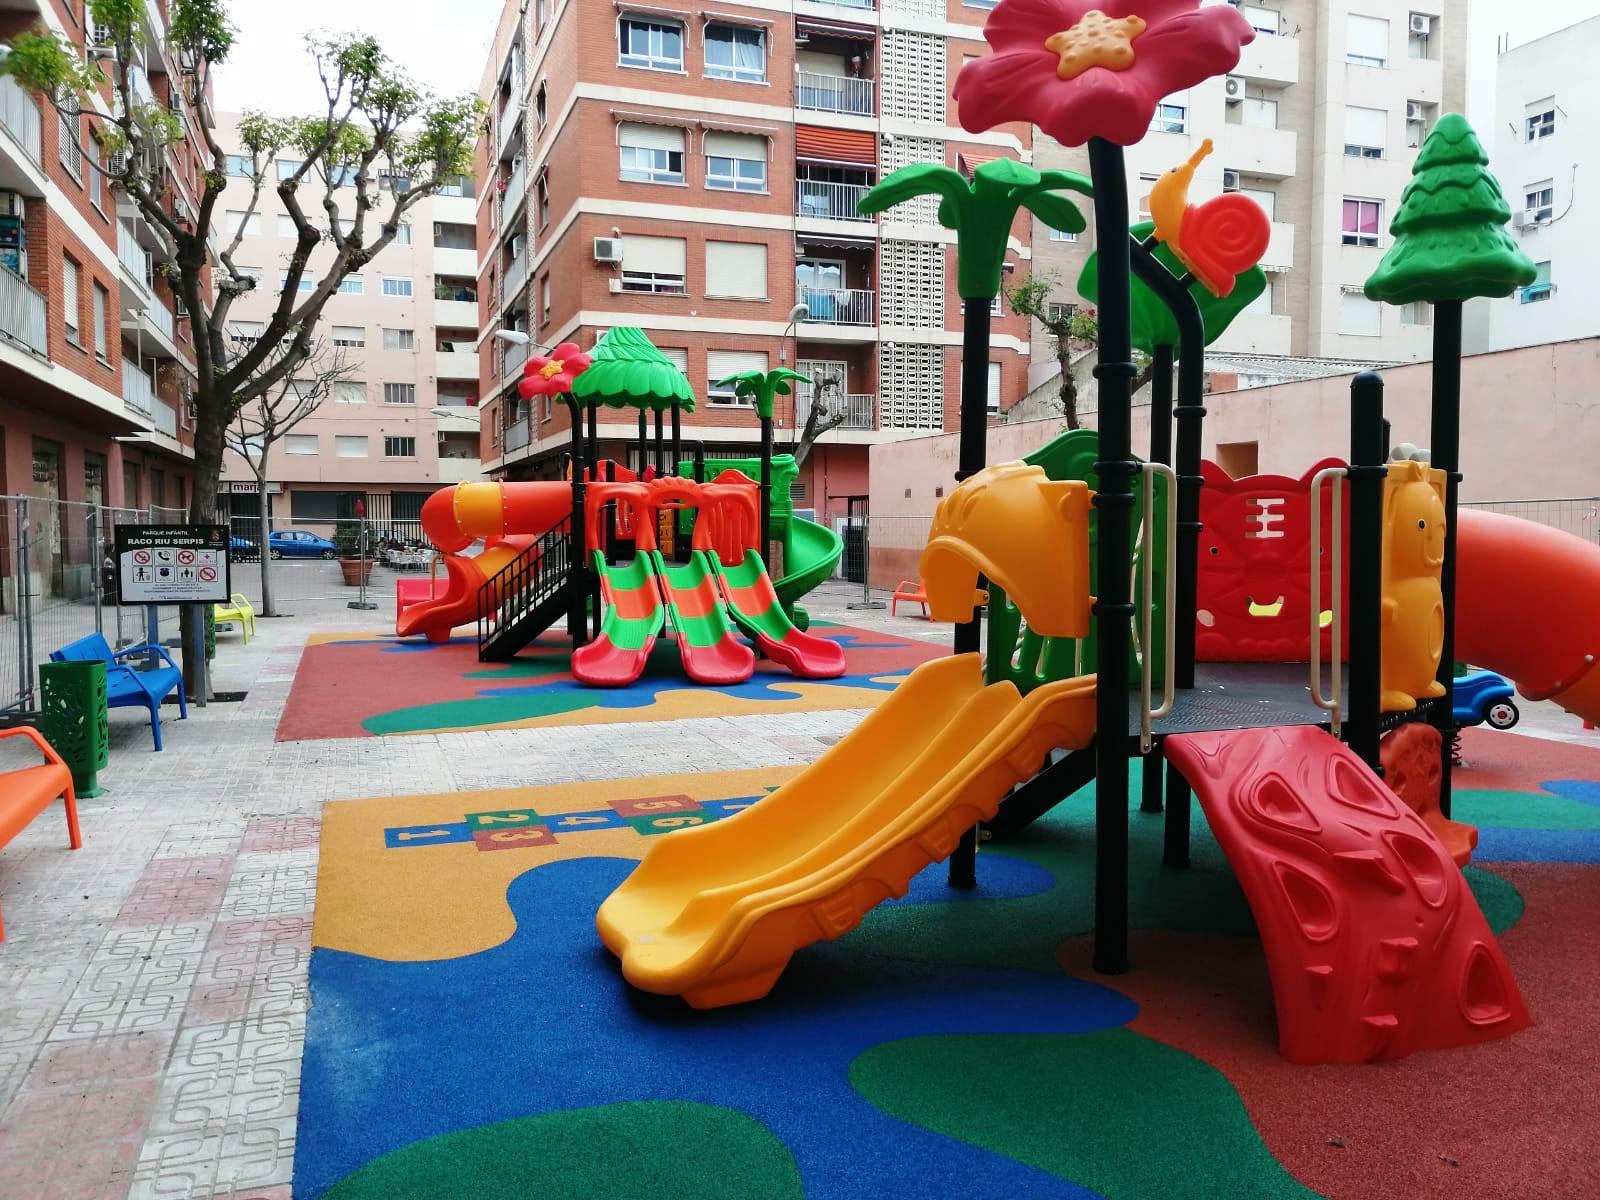 Segunda zona de juegos para niños entre 3 y 12 años